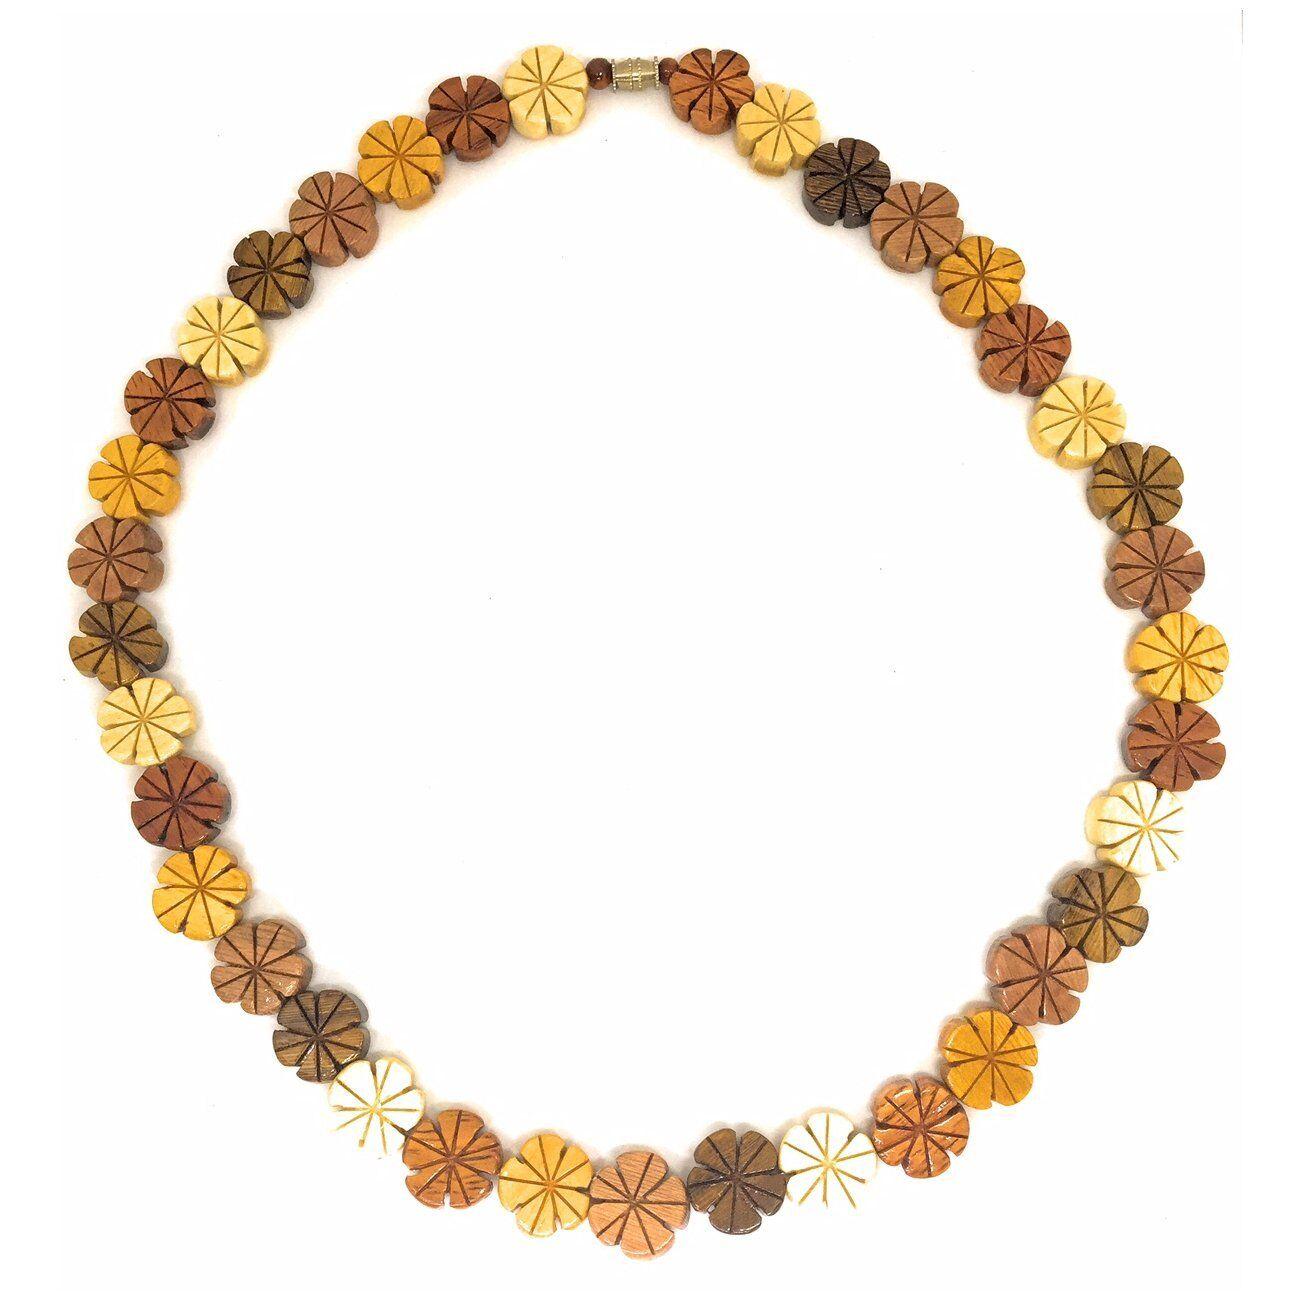 Hawaiian Jewelry Plumeria Flower Koa And Mahogany Wood Necklace From